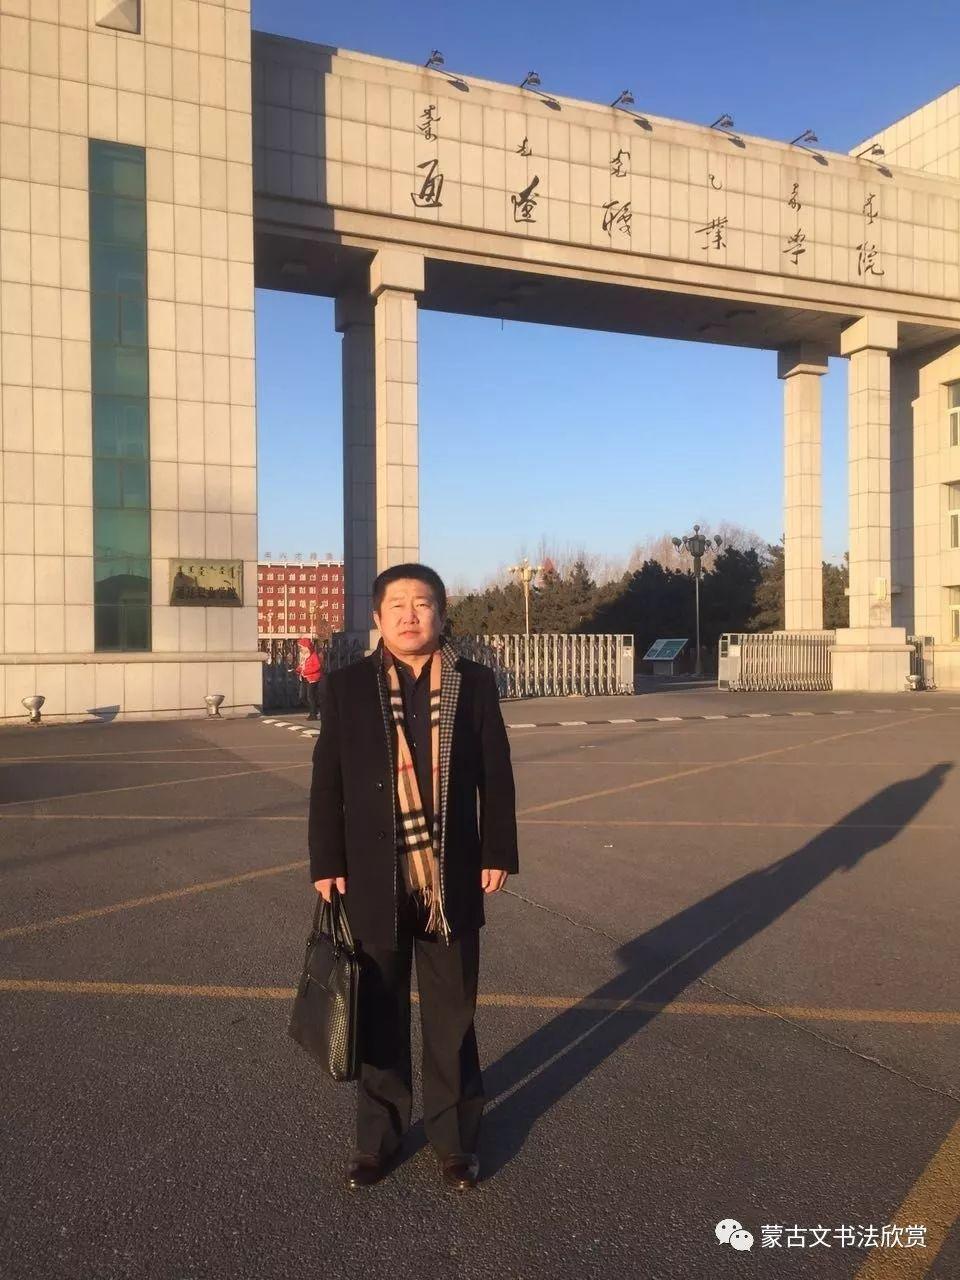 蒙古文书法欣赏——阿拉坦仓 第1张